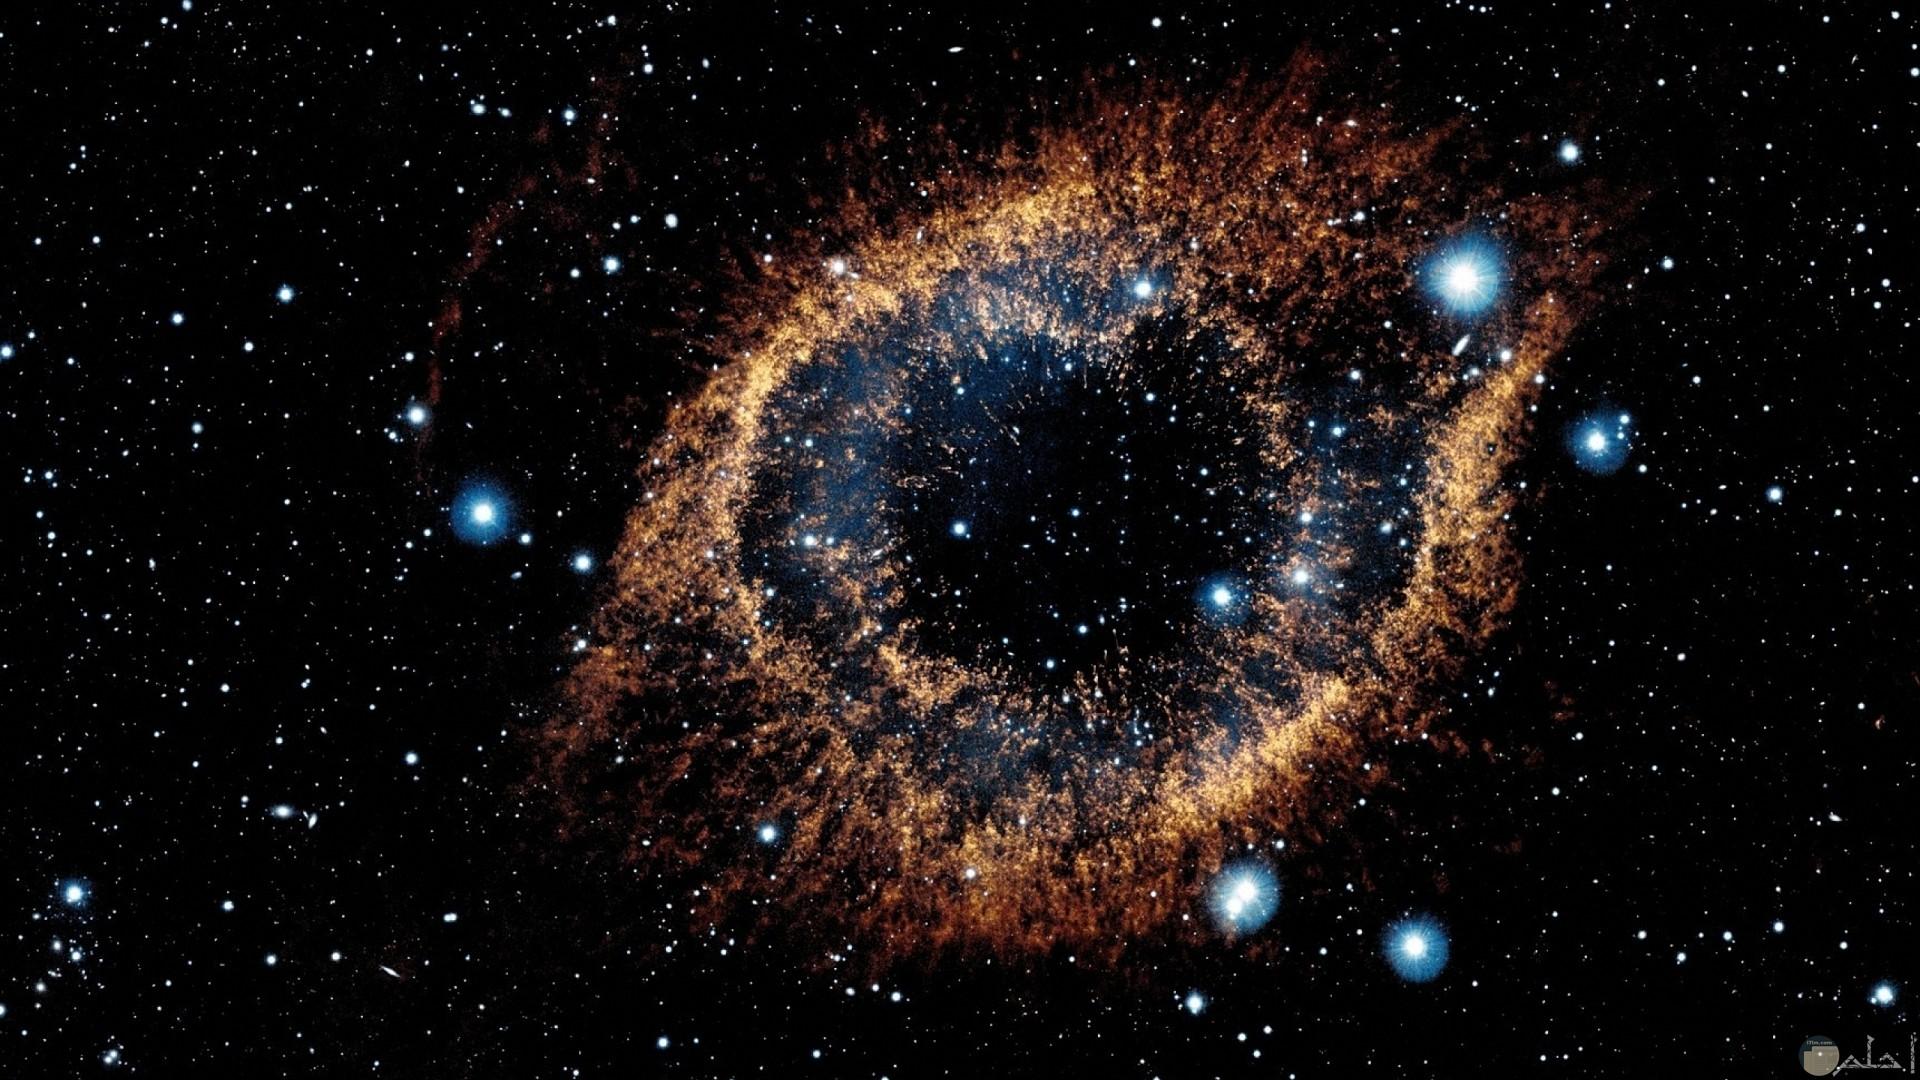 تفرق النجوم بشكل جميل في الفضاء الخارجي